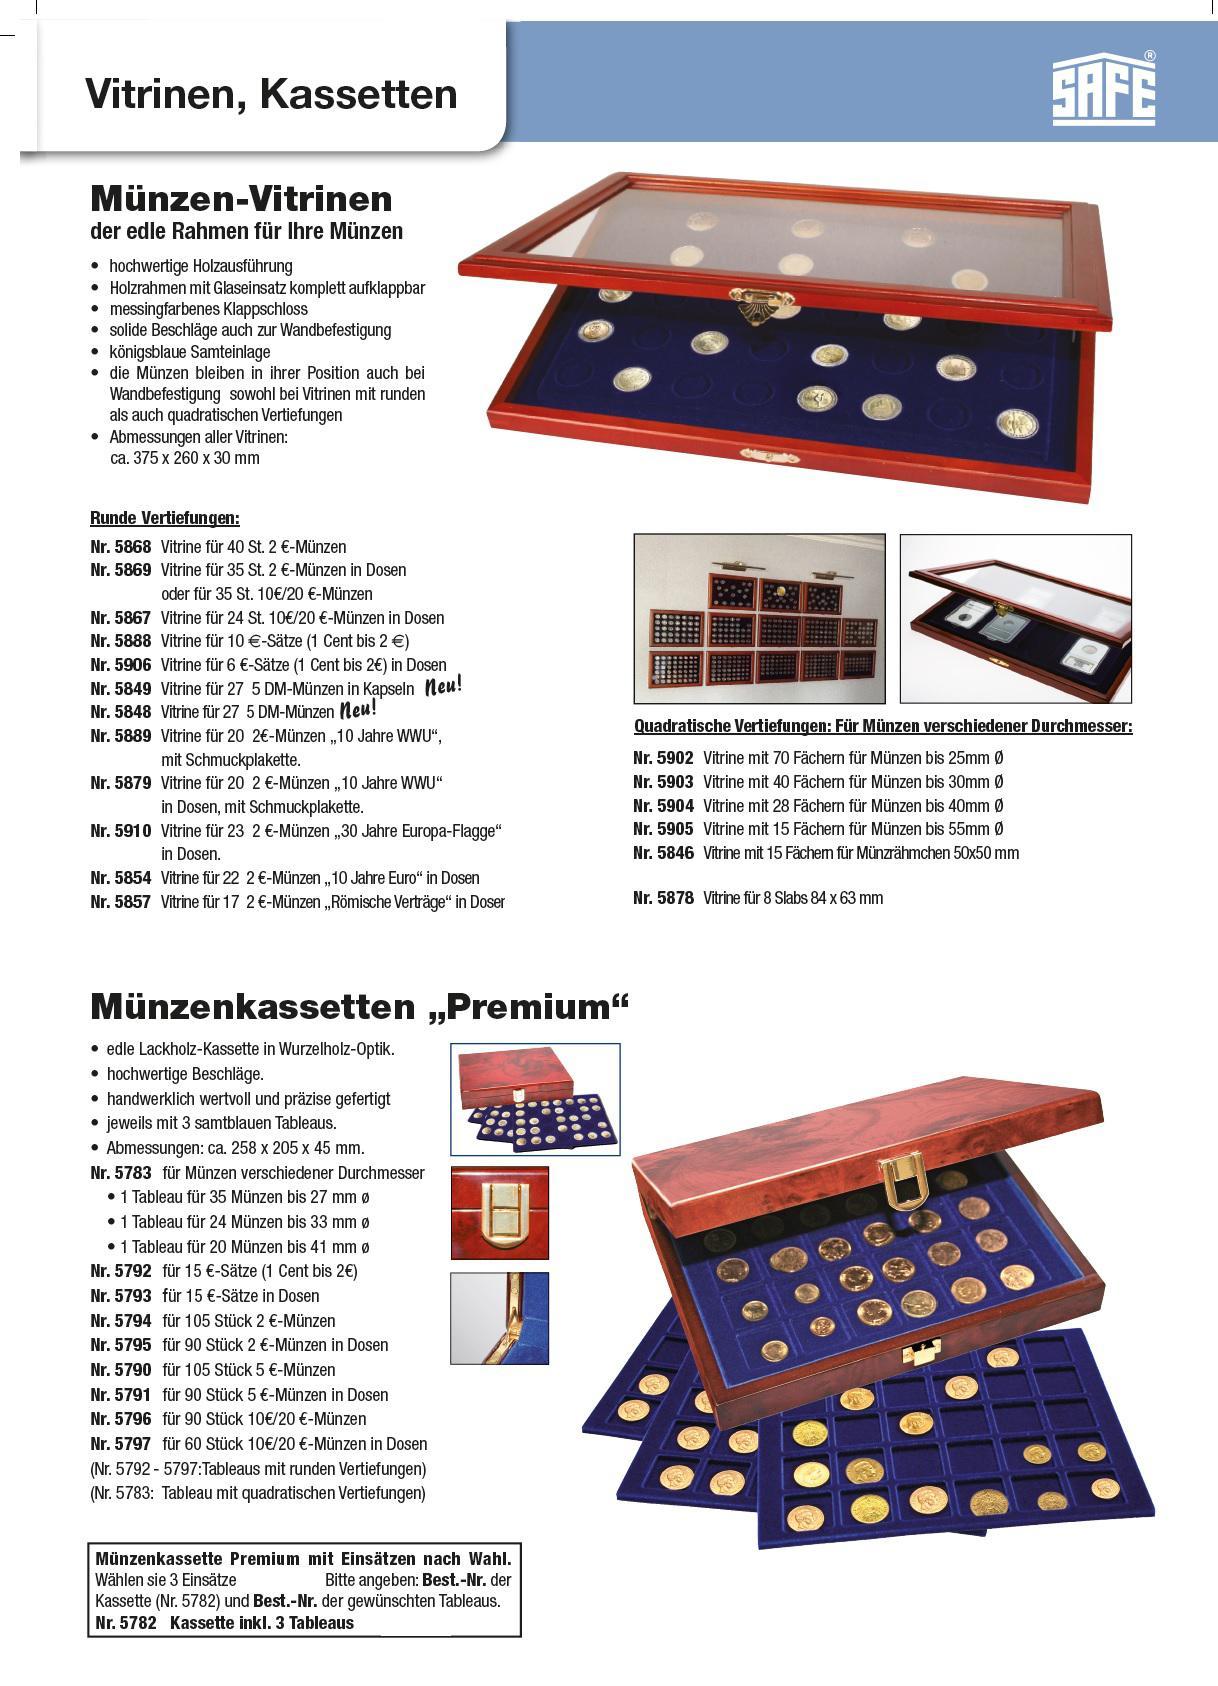 Atemberaubend 17 X 23 Rahmen Bilder - Bilderrahmen Ideen - szurop.info